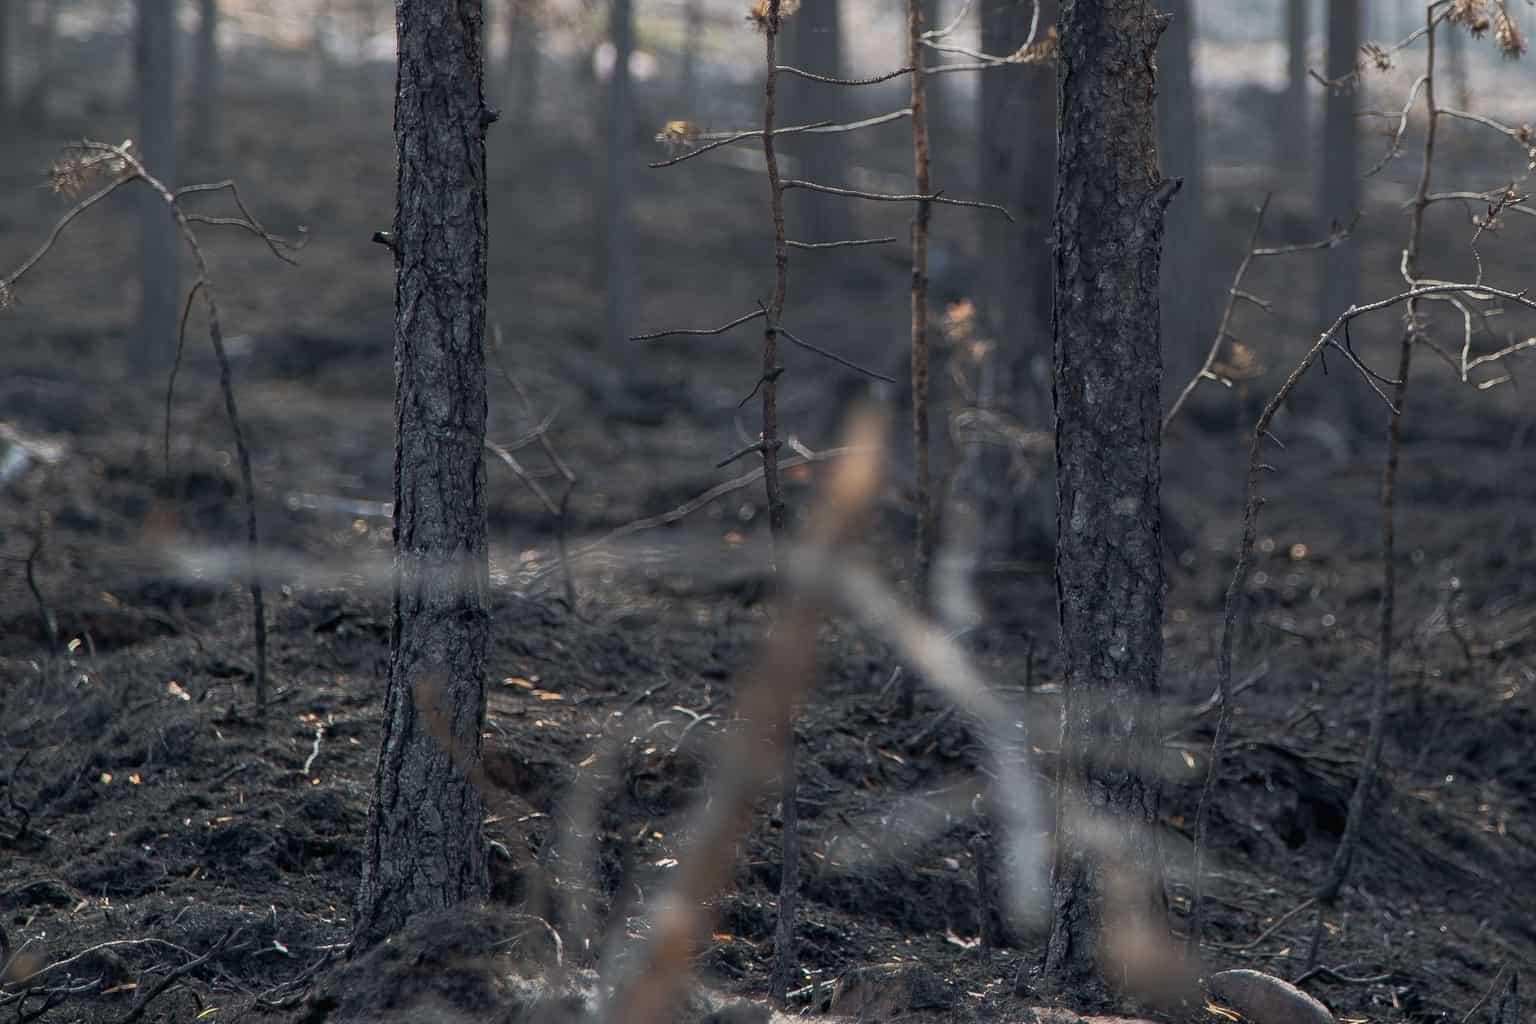 Enligt räddningstjänstens uppdatering under tisdagsförmiddagen är situationen relativt oförändrad på de båda brandplatserna i Svegsområdet. Foto: Morgan Grip